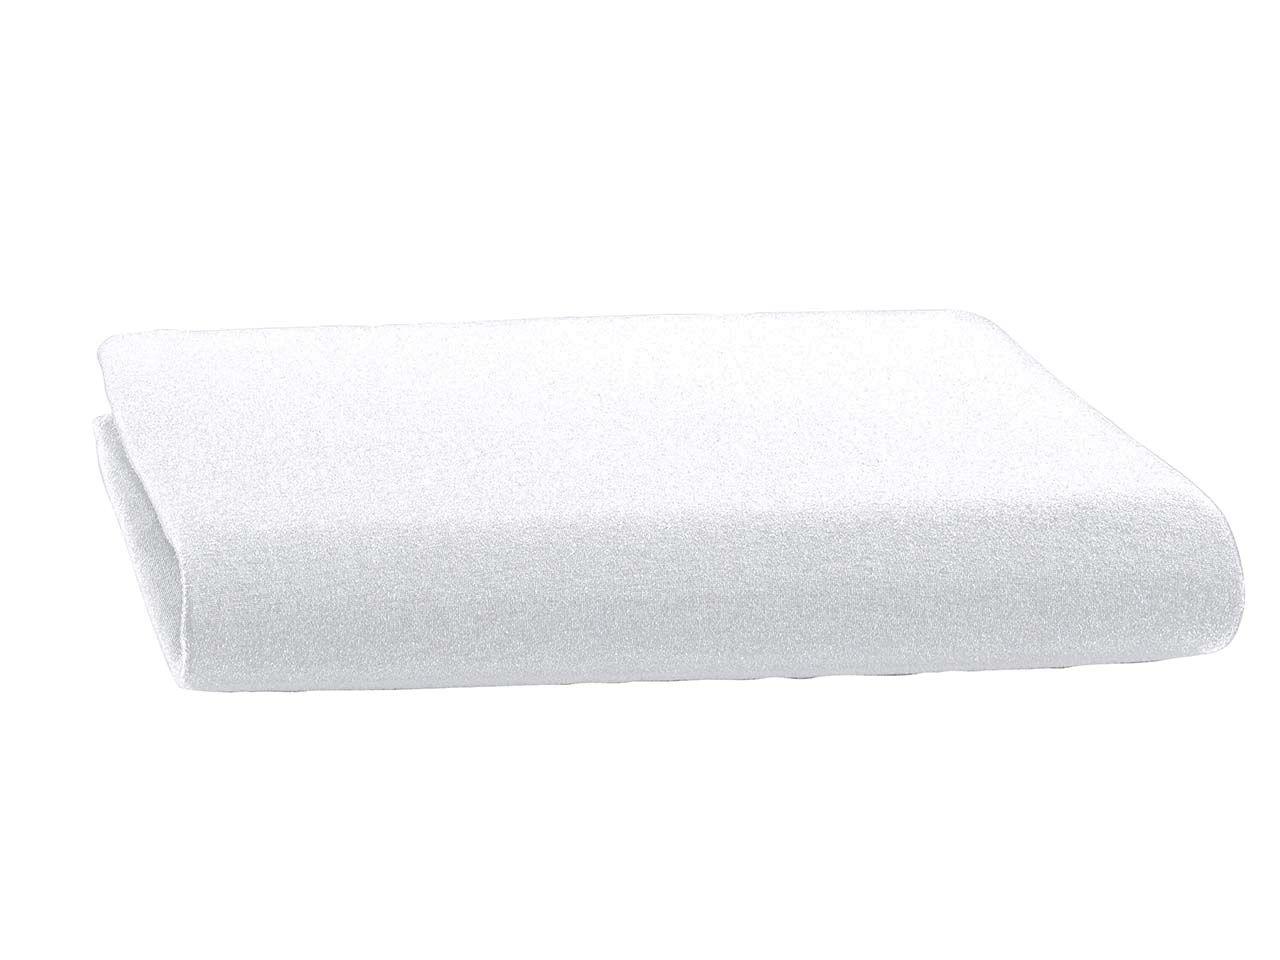 Bettlaken für Wasserbetten aus Bio Baumwolle 180x220 cm, weiß bLJE550/3000